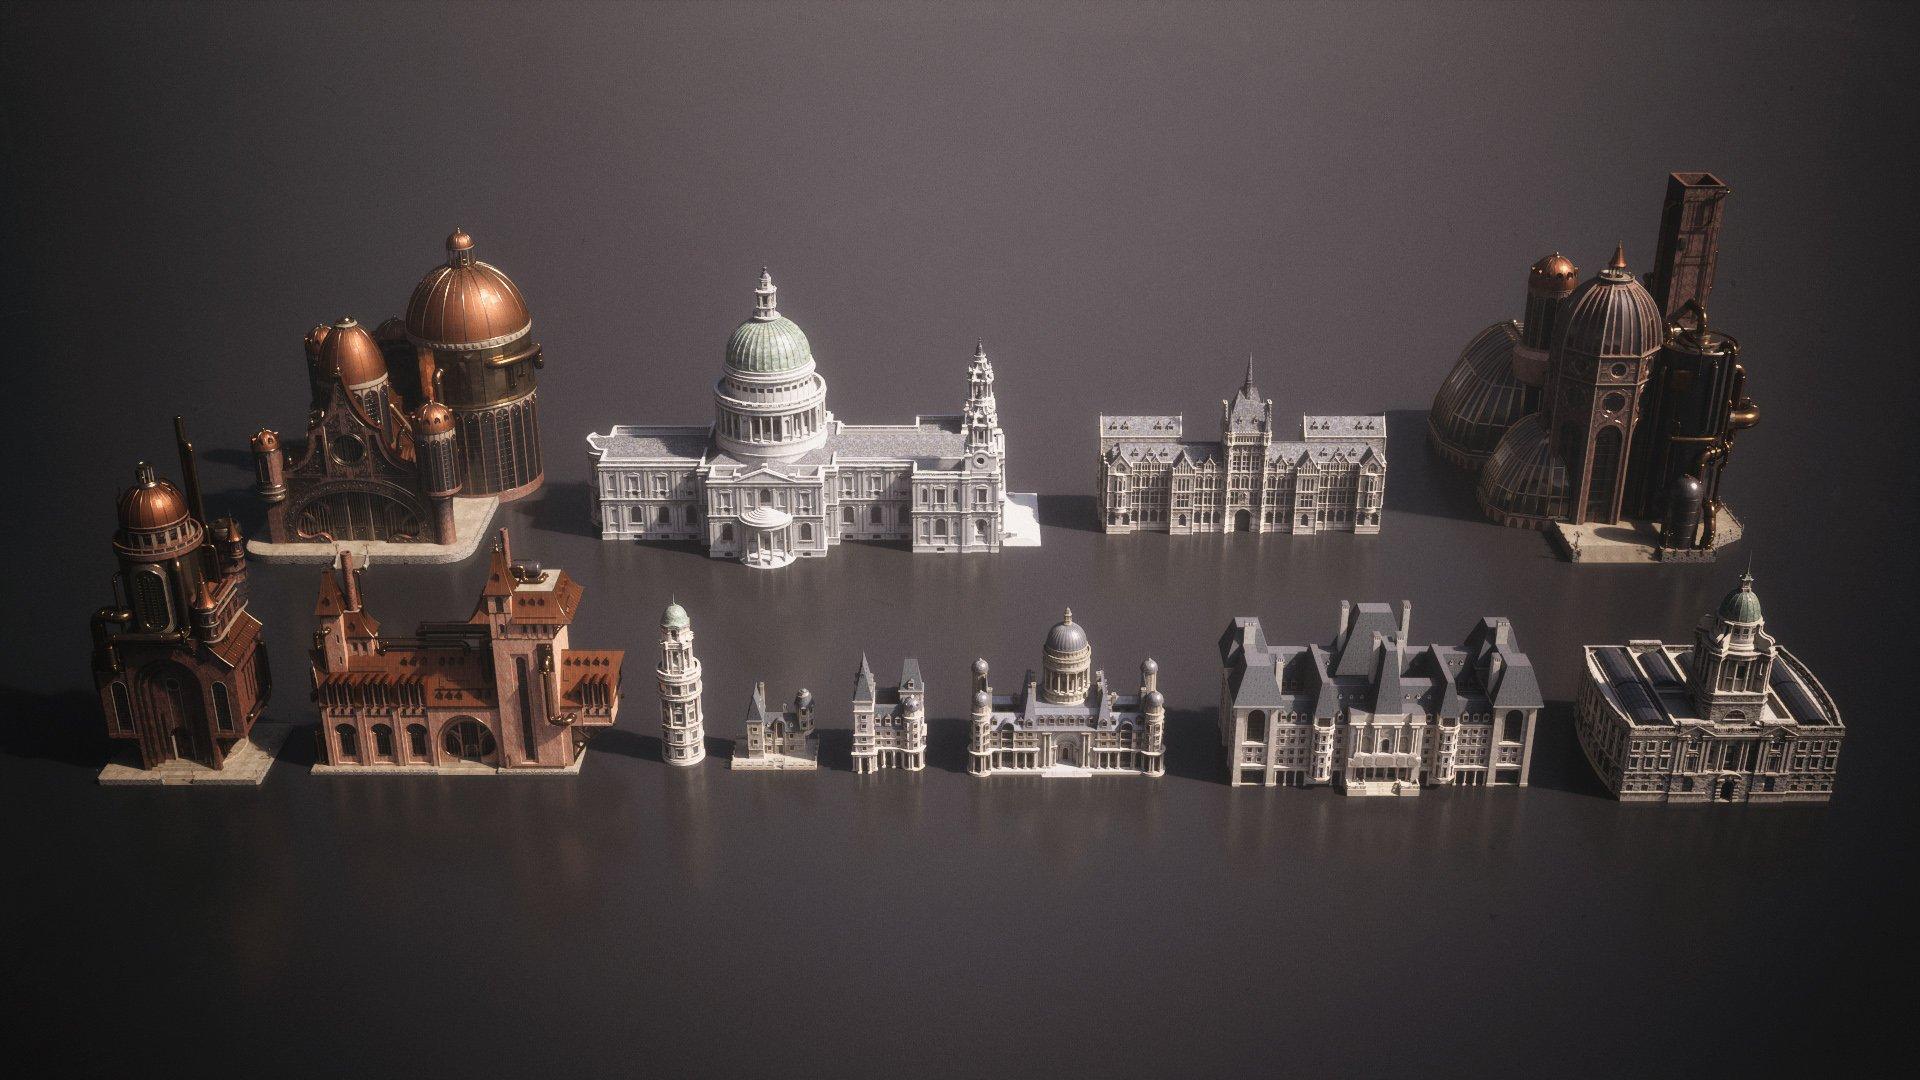 دانلود مدل سه بعدی بناهای سلطنتی